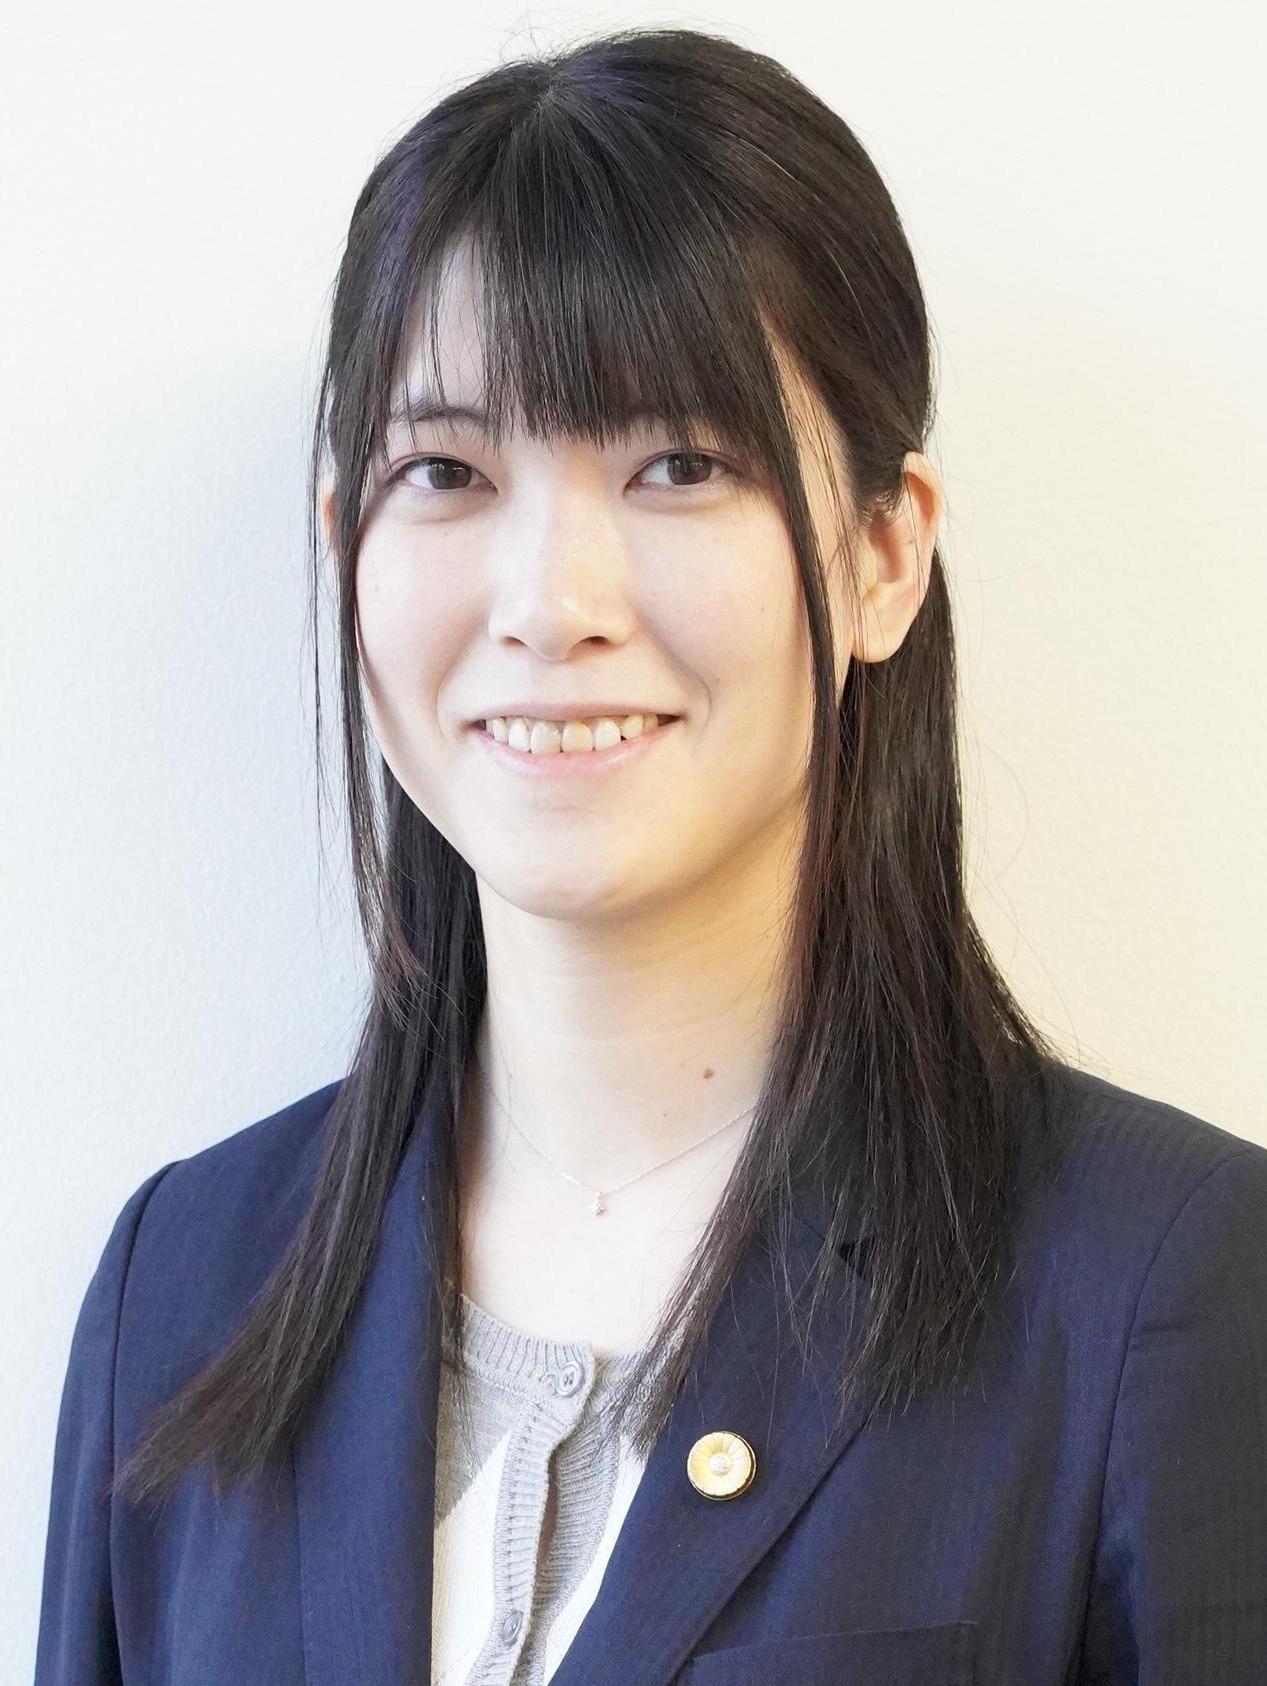 勝木 萌弁護士